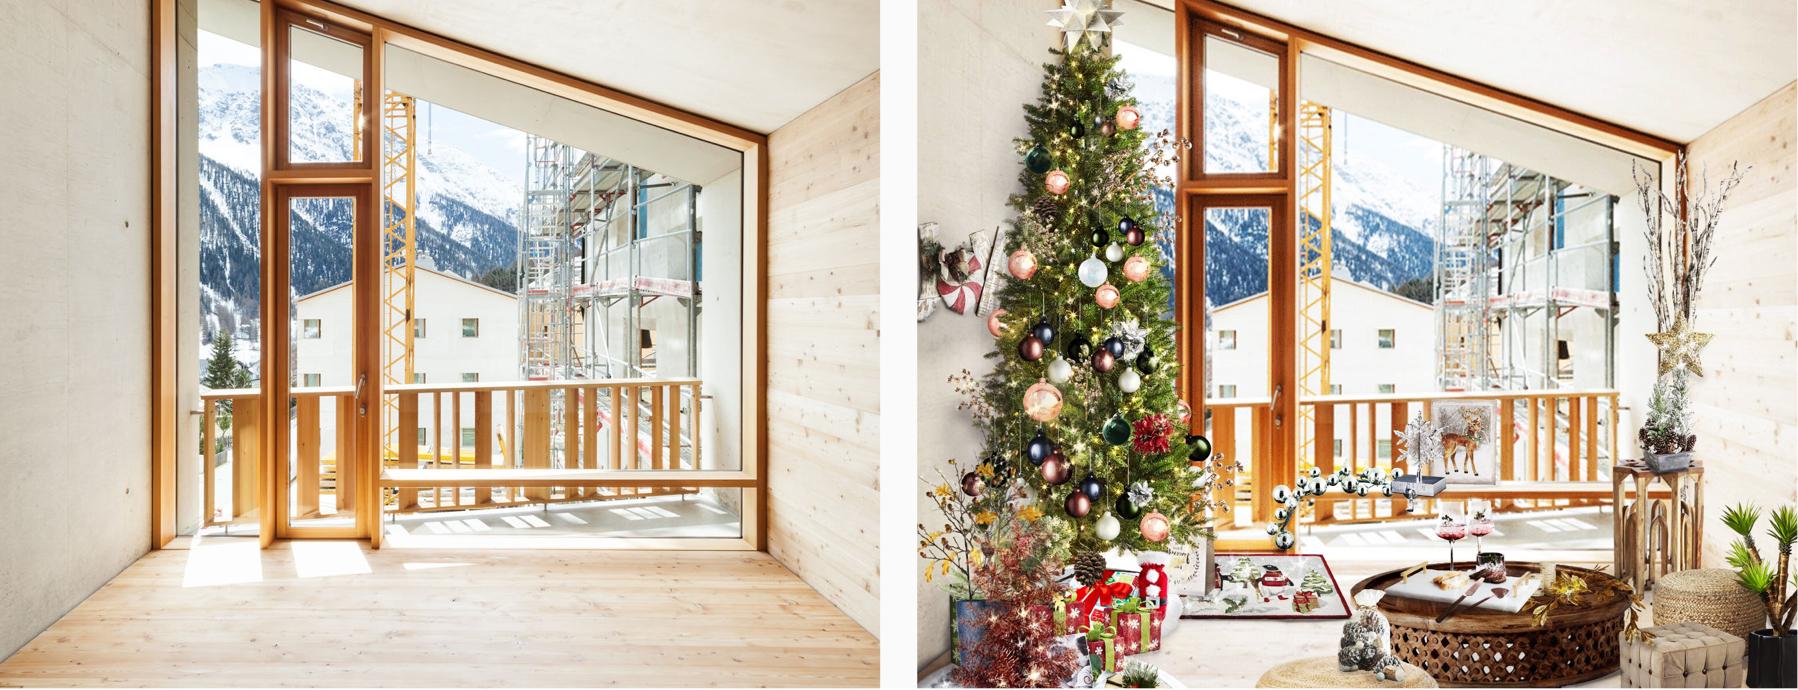 Winter Modern Dining Room AR Interior Design